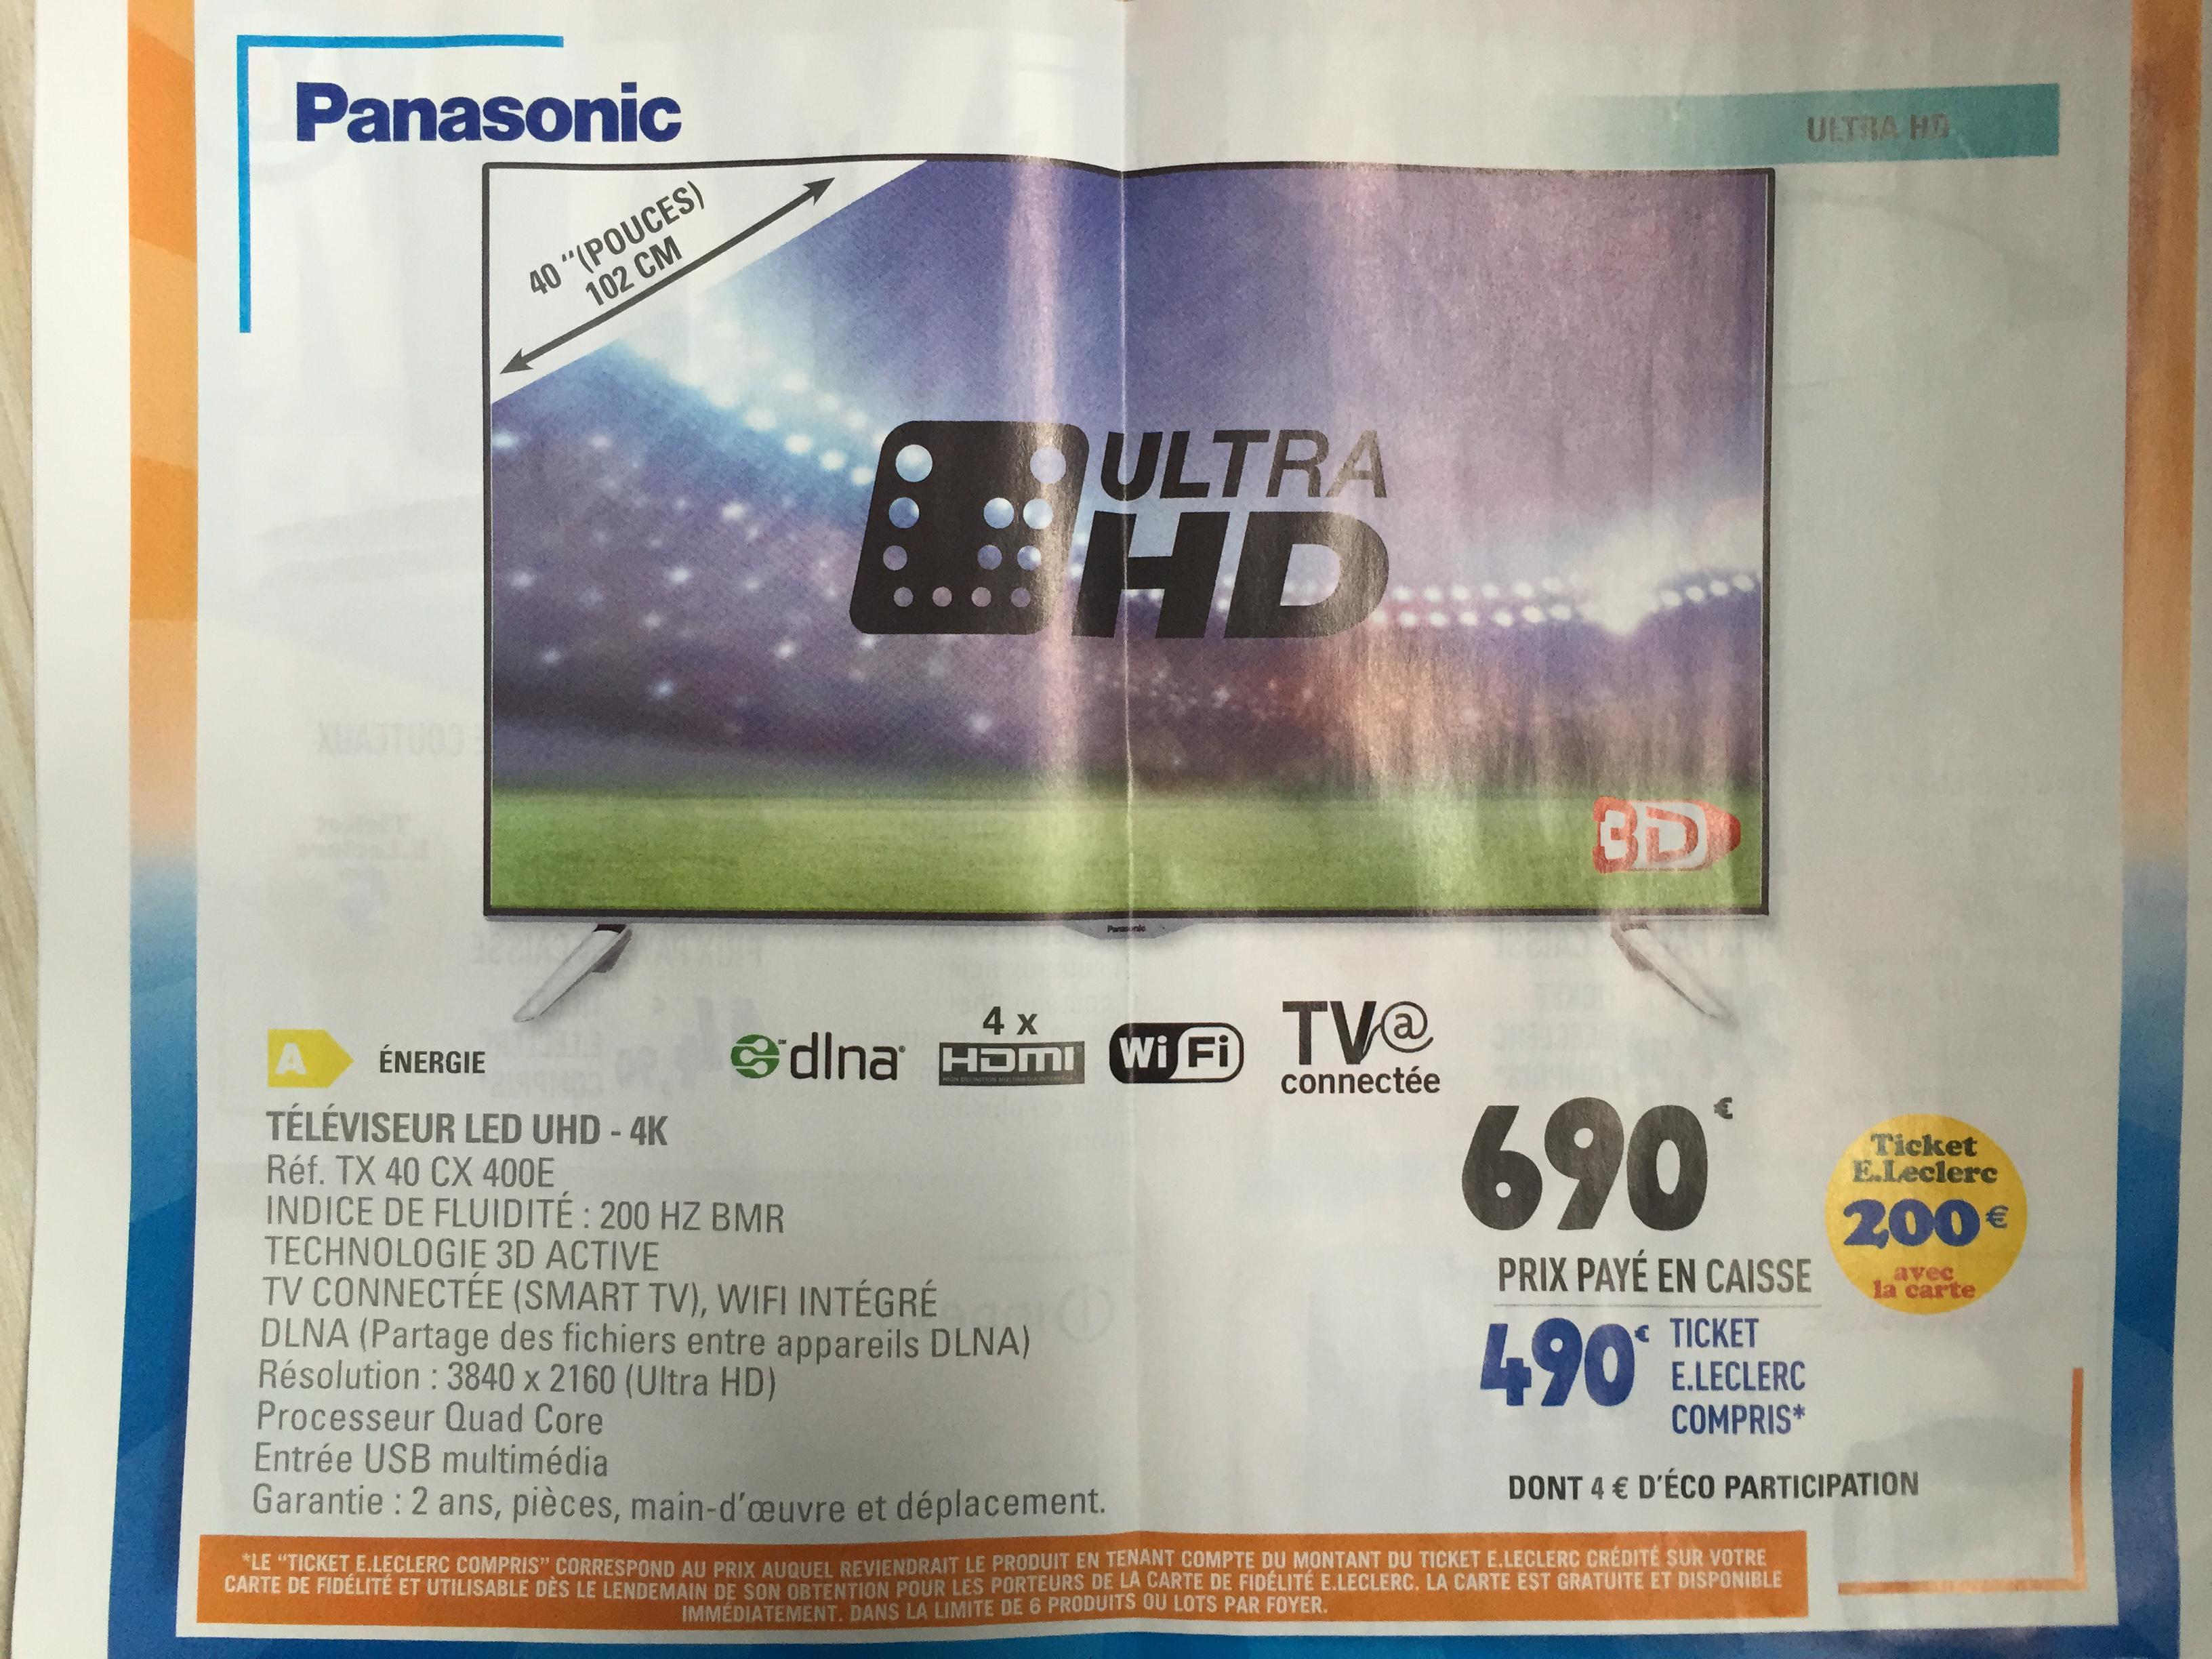 """TV 40"""" Panasonic TX40CX400E - LED, UHD 4K, 3D (via 200€ ticket E.Leclerc)"""